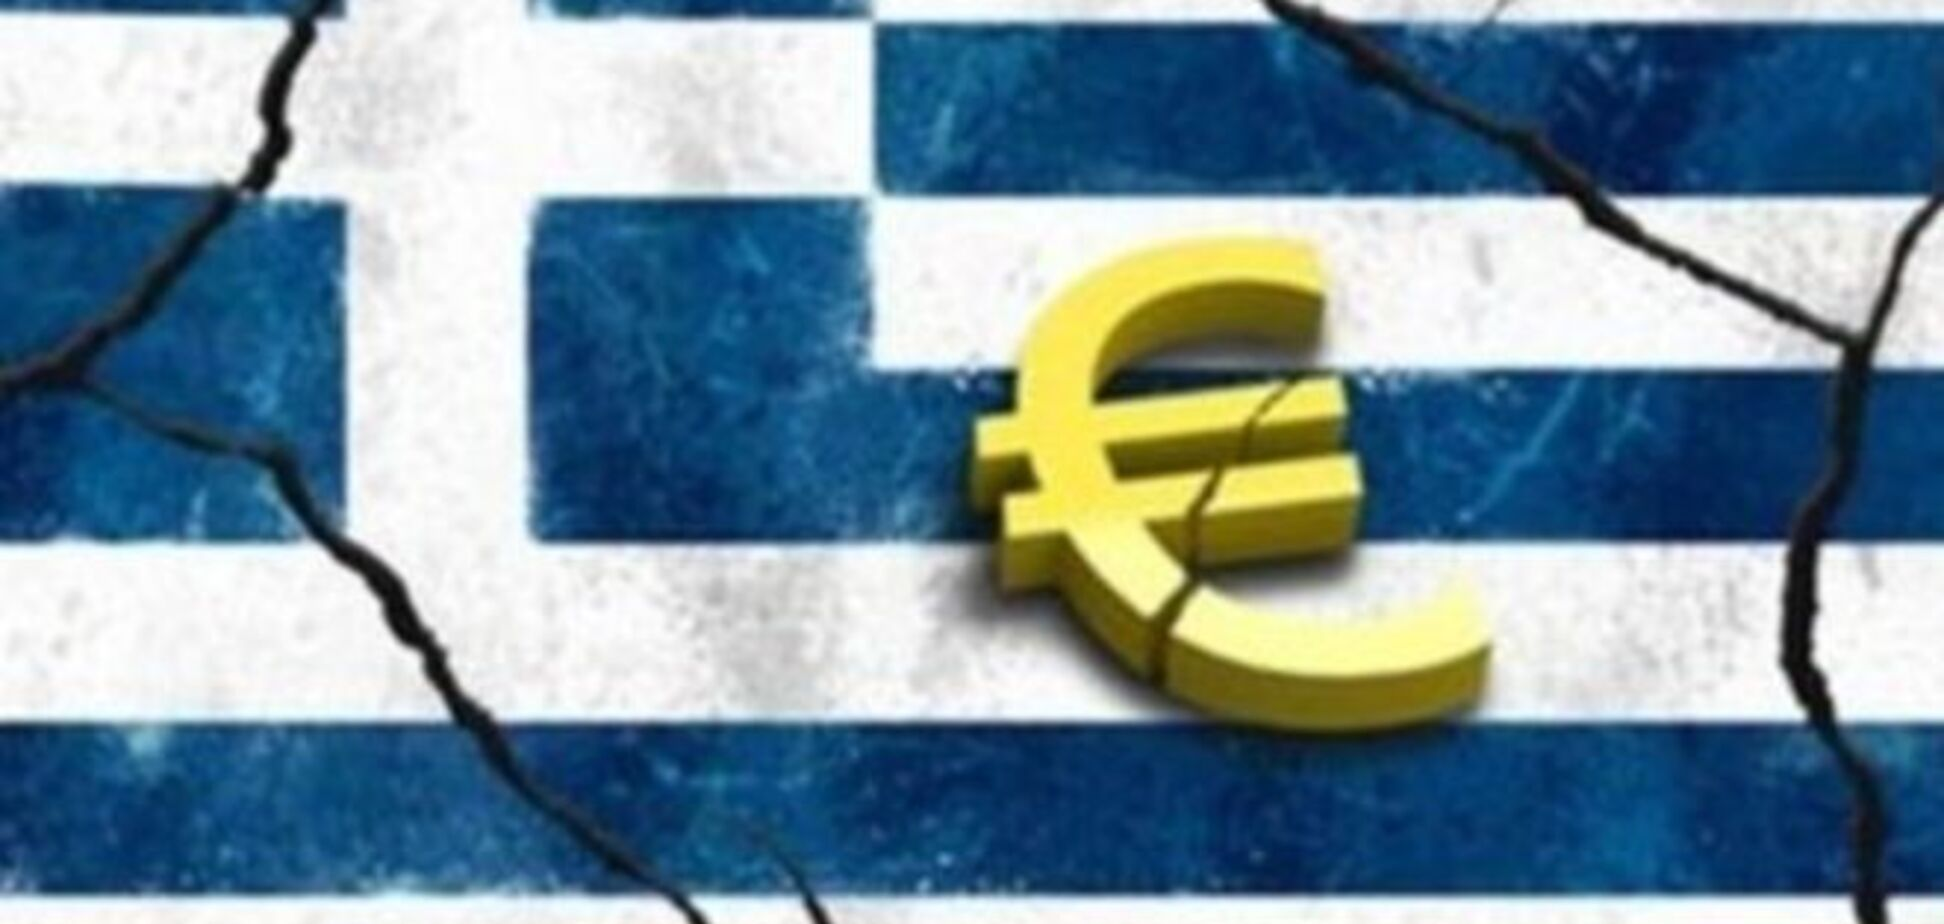 Угрозы дефолта: экономист рассказал, чем Украина похожа на Грецию